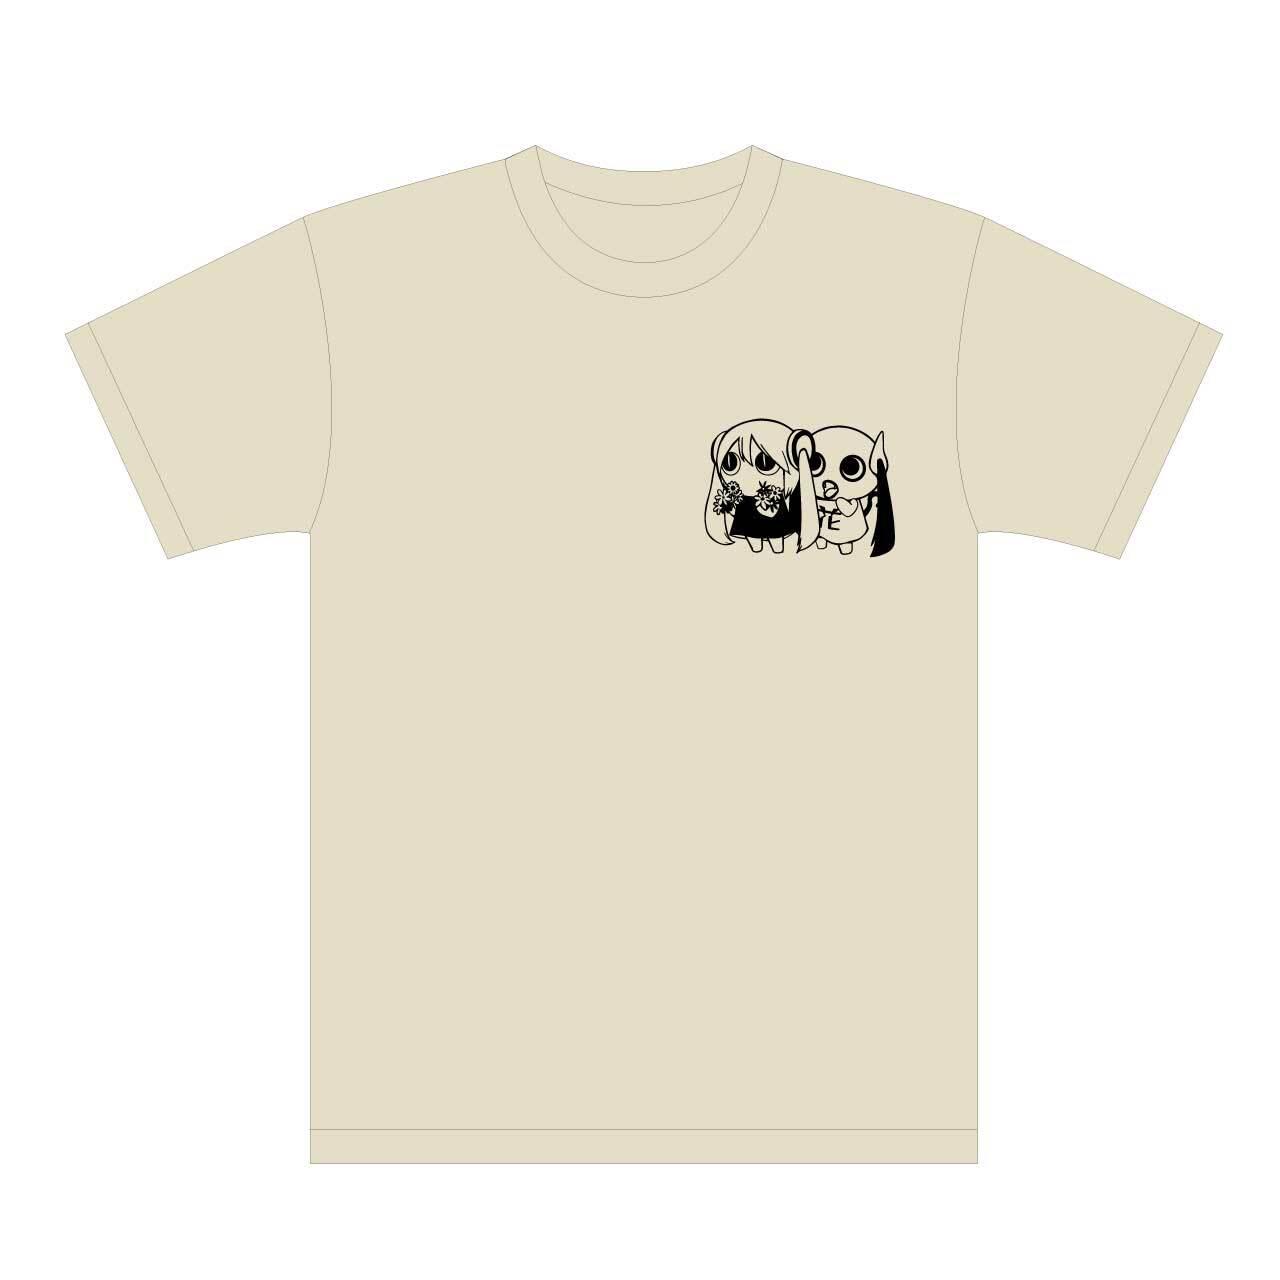 ピノキオピー 文明開花 Tシャツ(ストーン)+ステッカーセット - 画像1